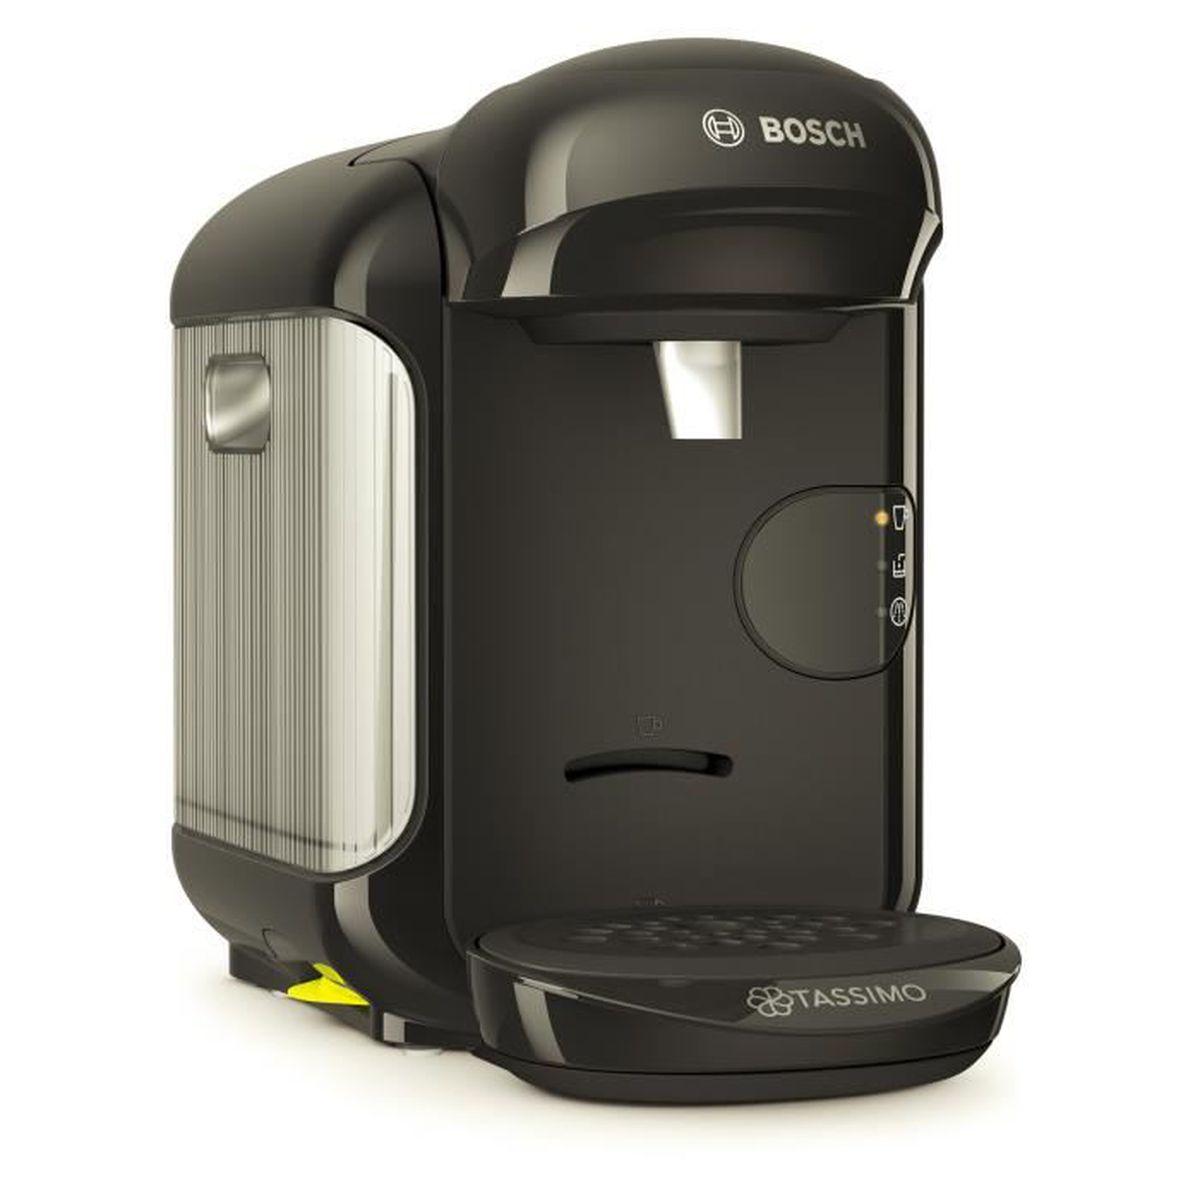 80 Café Pod T-disque Capsule Distributeur Support en acier inoxydable pour Bosch Tassimo